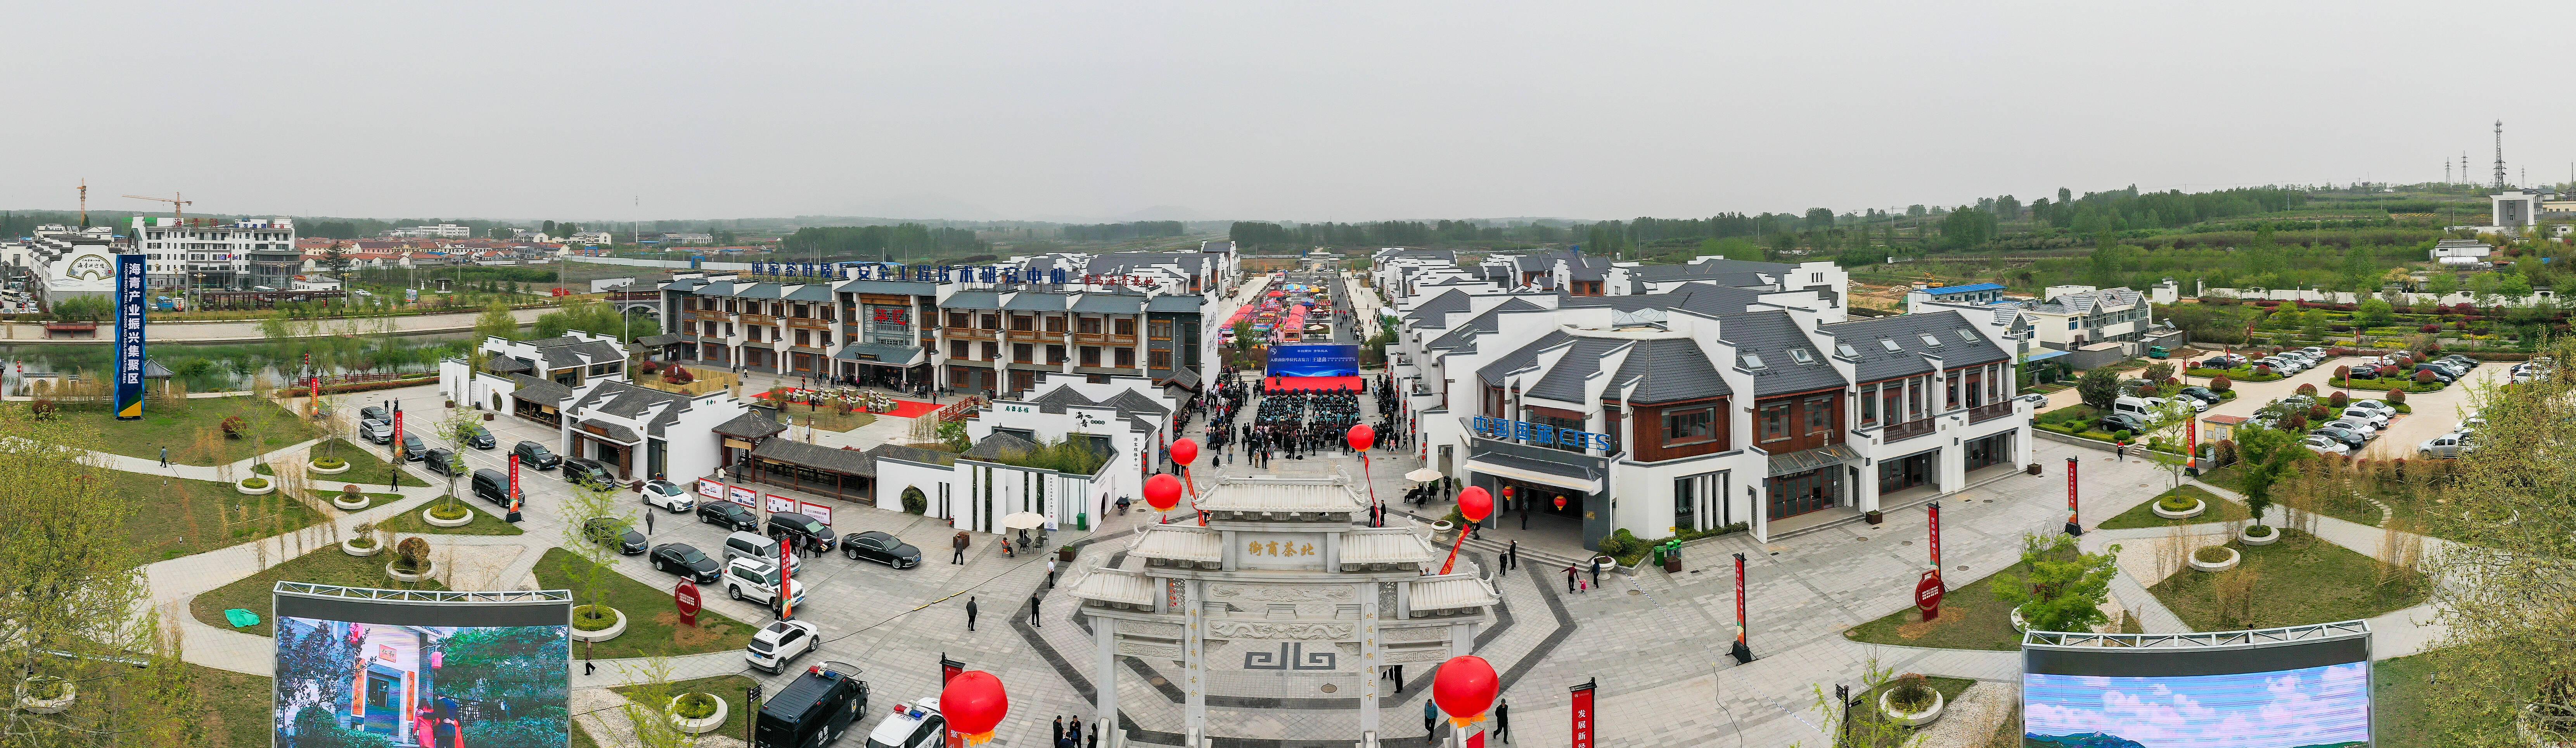 全国首个新时代文明实践商街——北茶商街在青岛西海岸新区海青镇正式开街